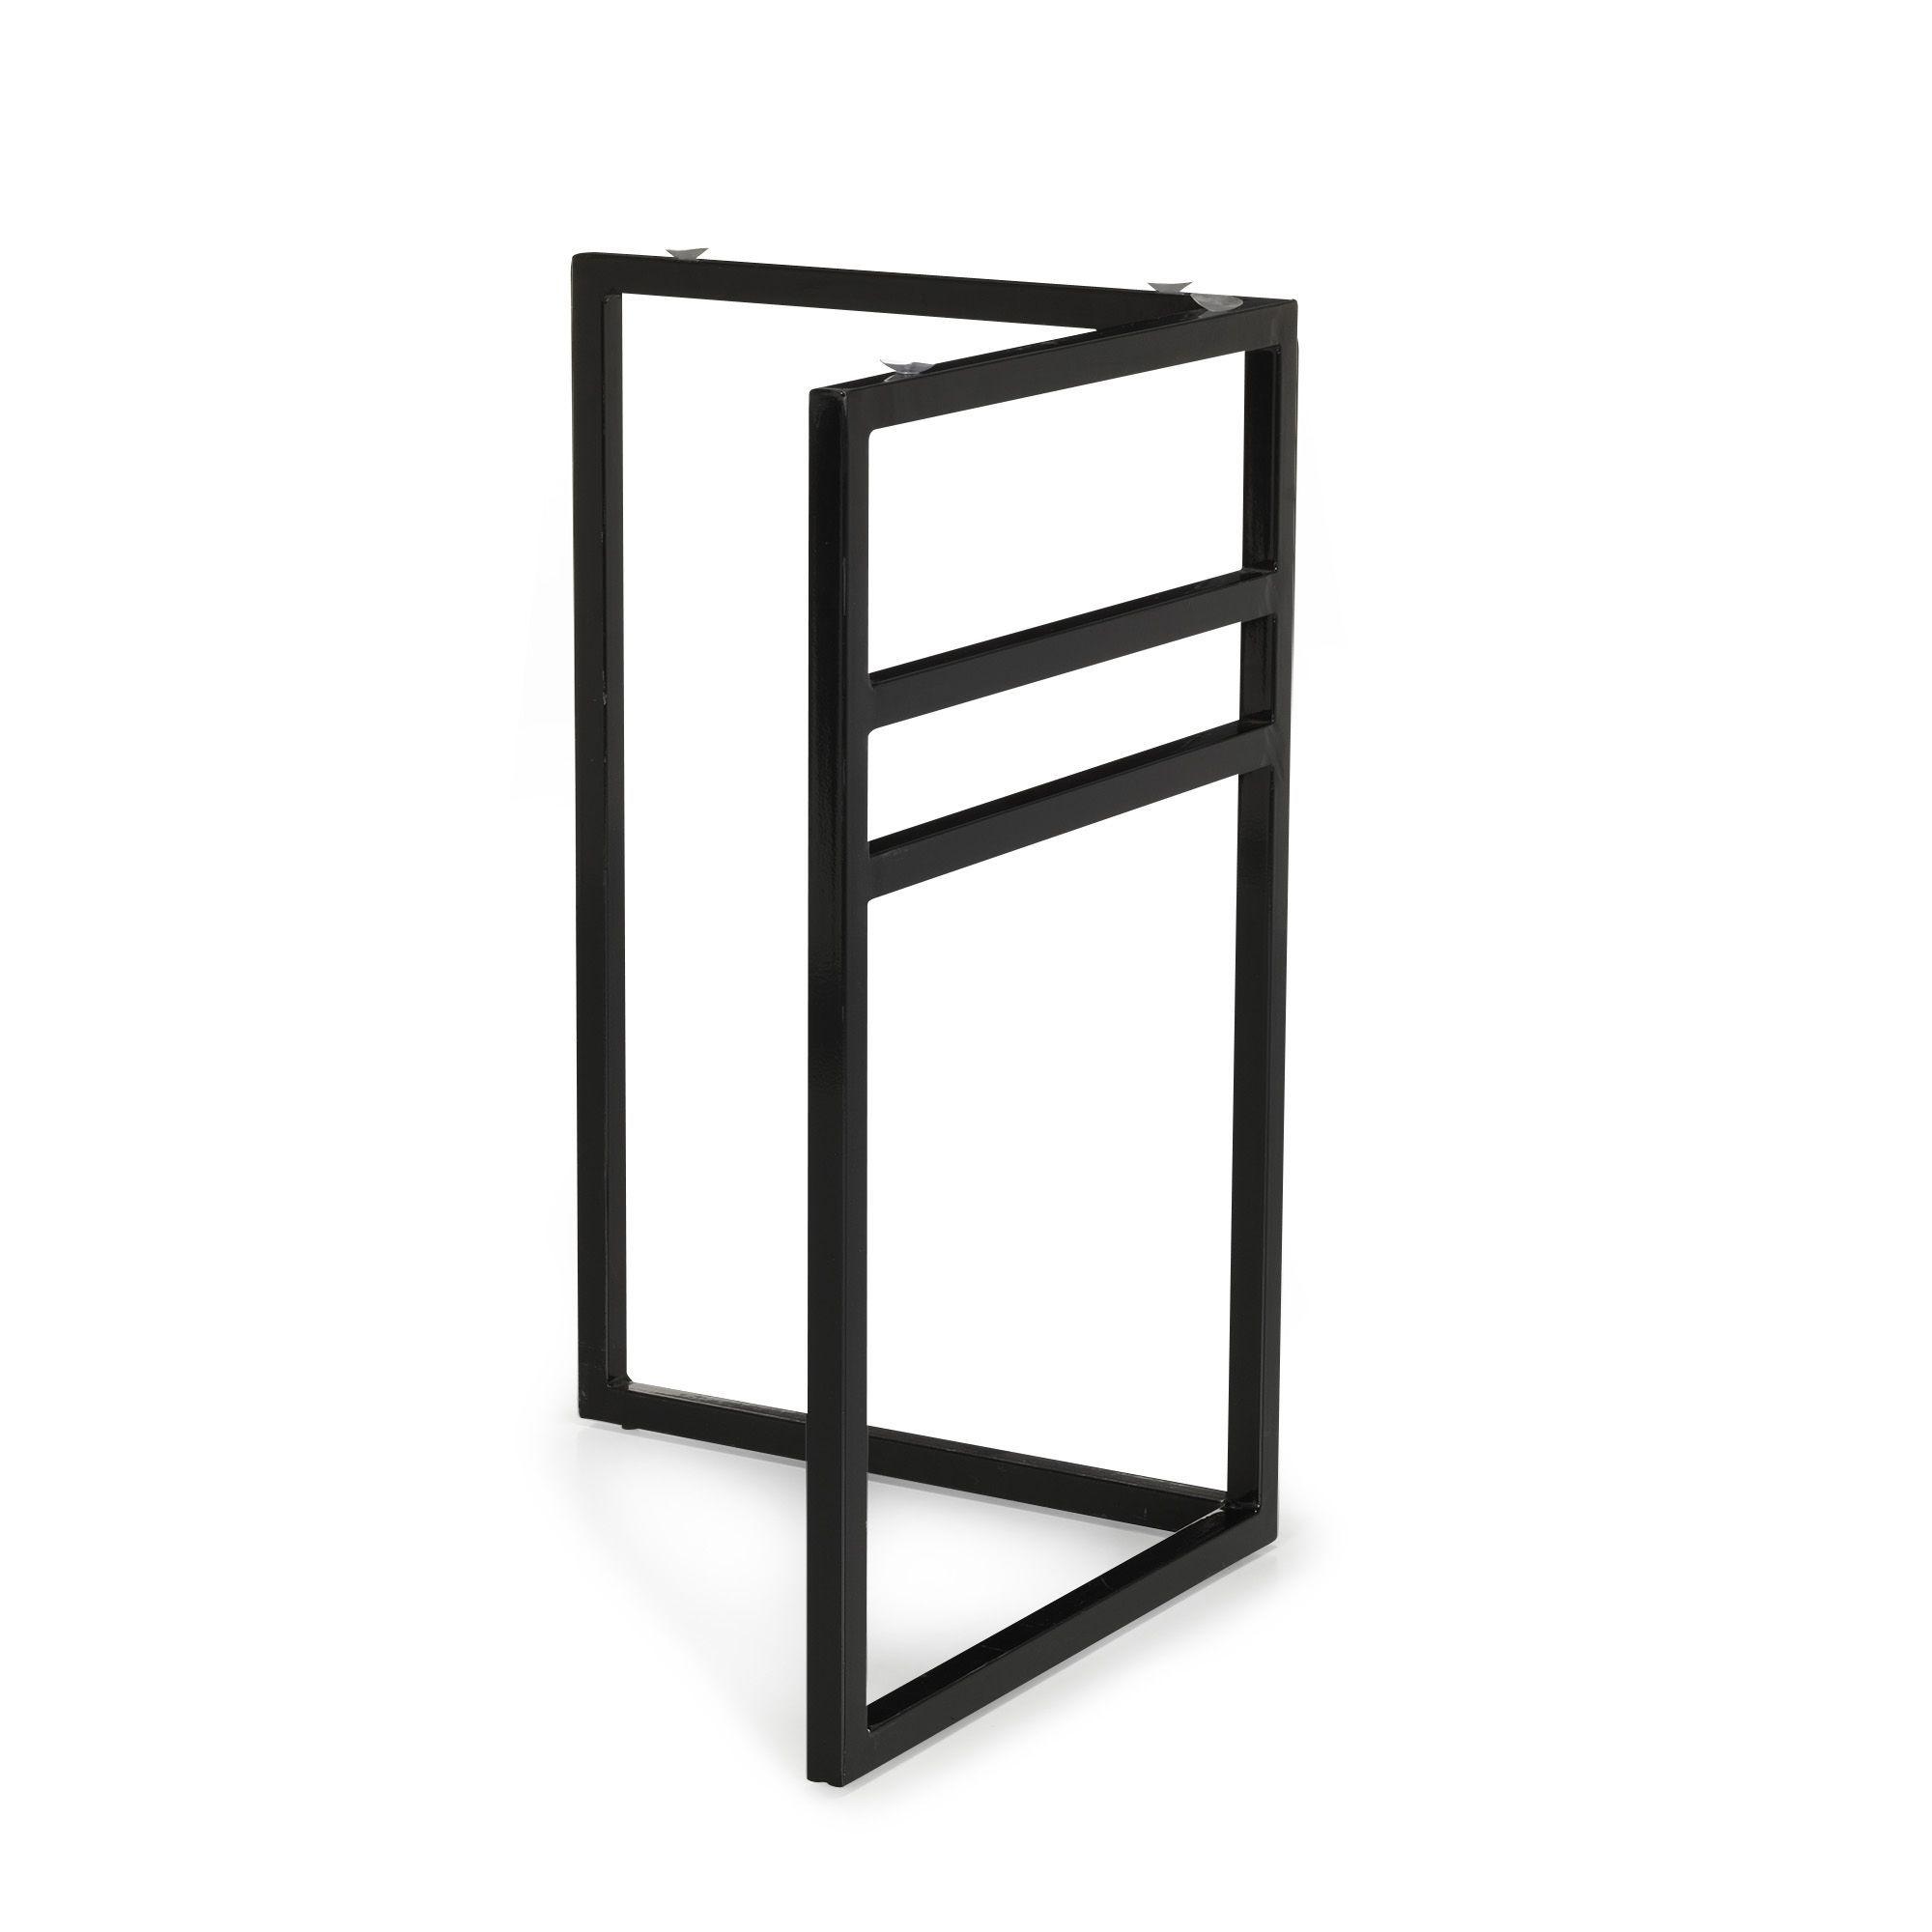 tr teau droit pour bureau noir alesia les plateaux et tr teaux les bureaux bureau. Black Bedroom Furniture Sets. Home Design Ideas